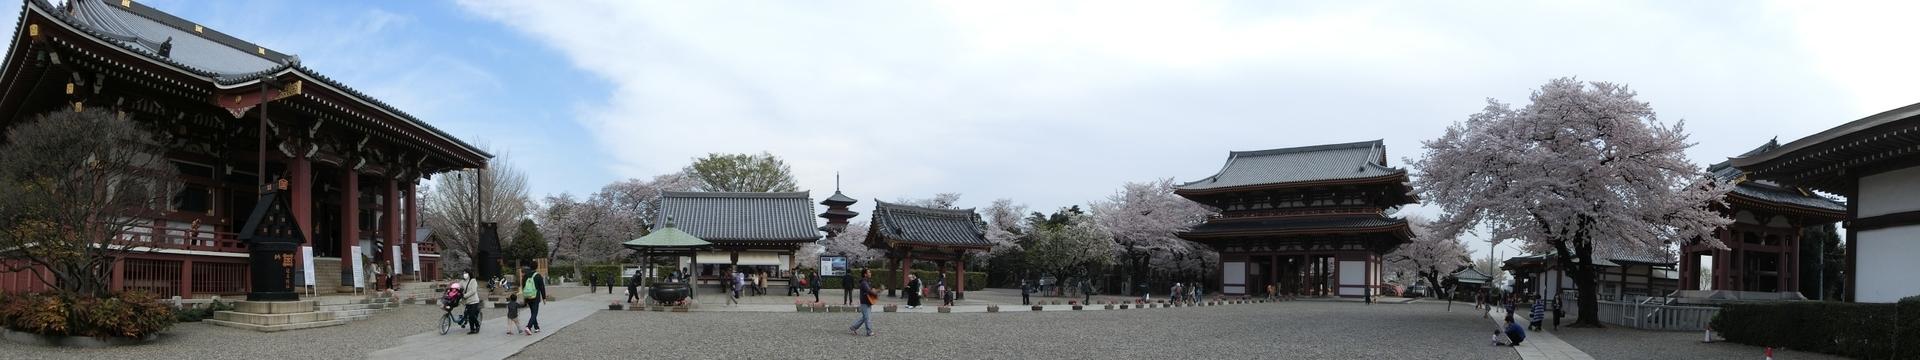 池上本門寺境内